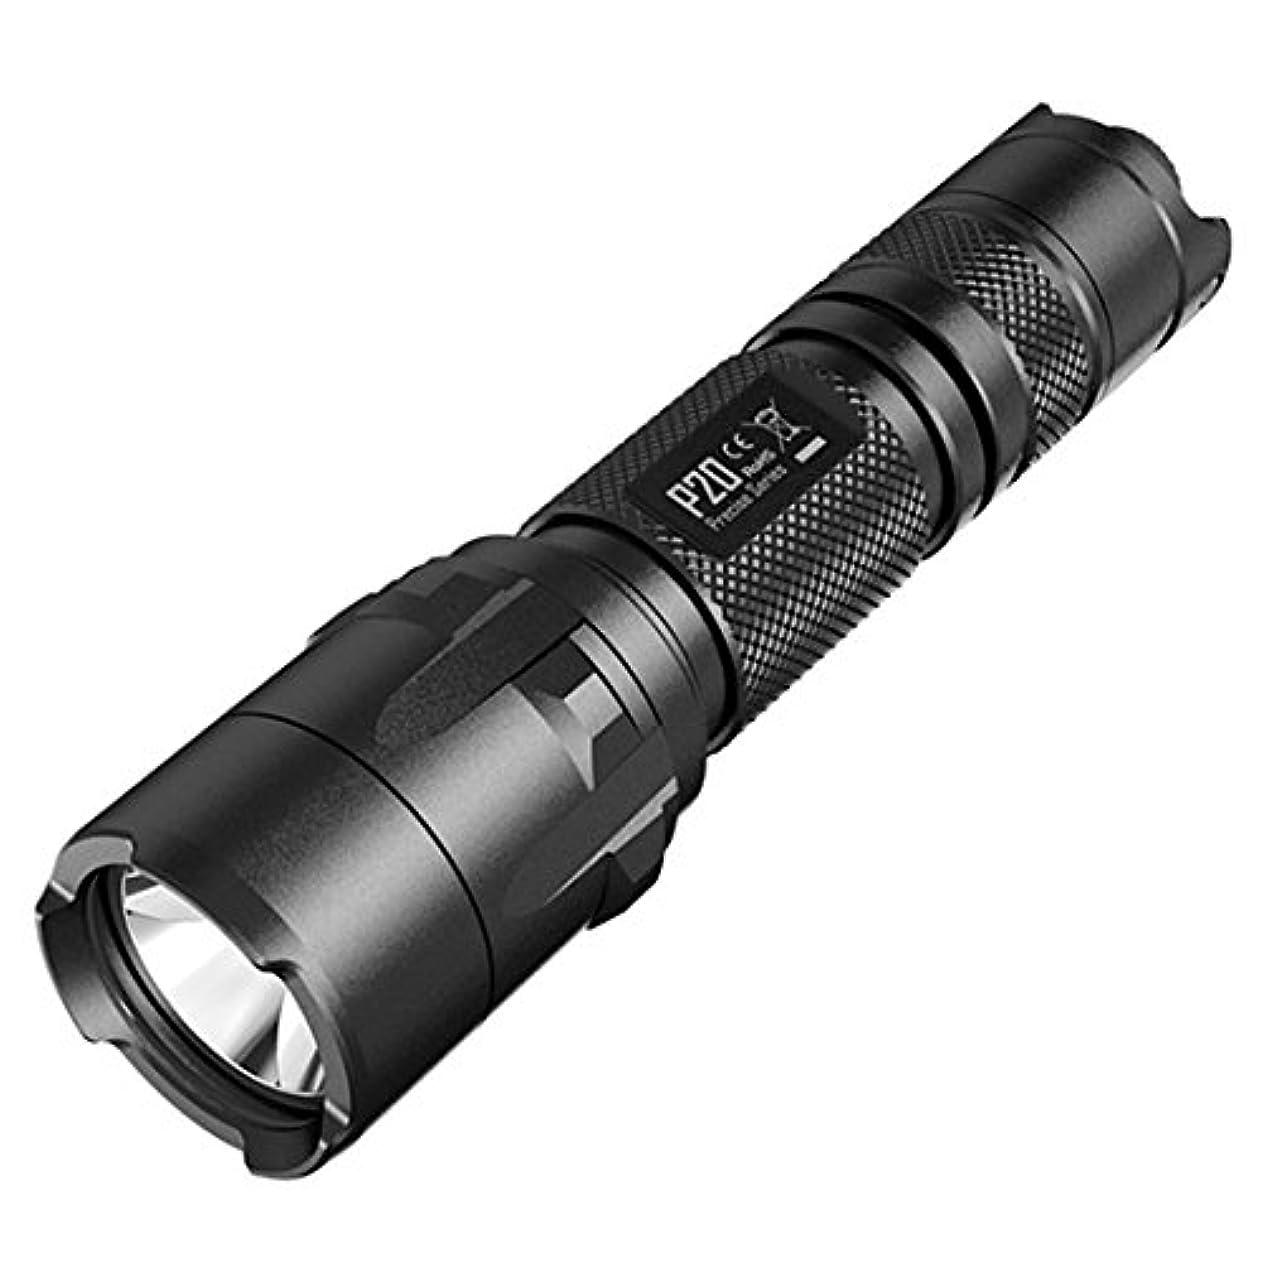 冷酷なチャペルどのくらいの頻度でNitecore p20 TacticalストロボReady 800ルーメンLED懐中電灯、ブラック